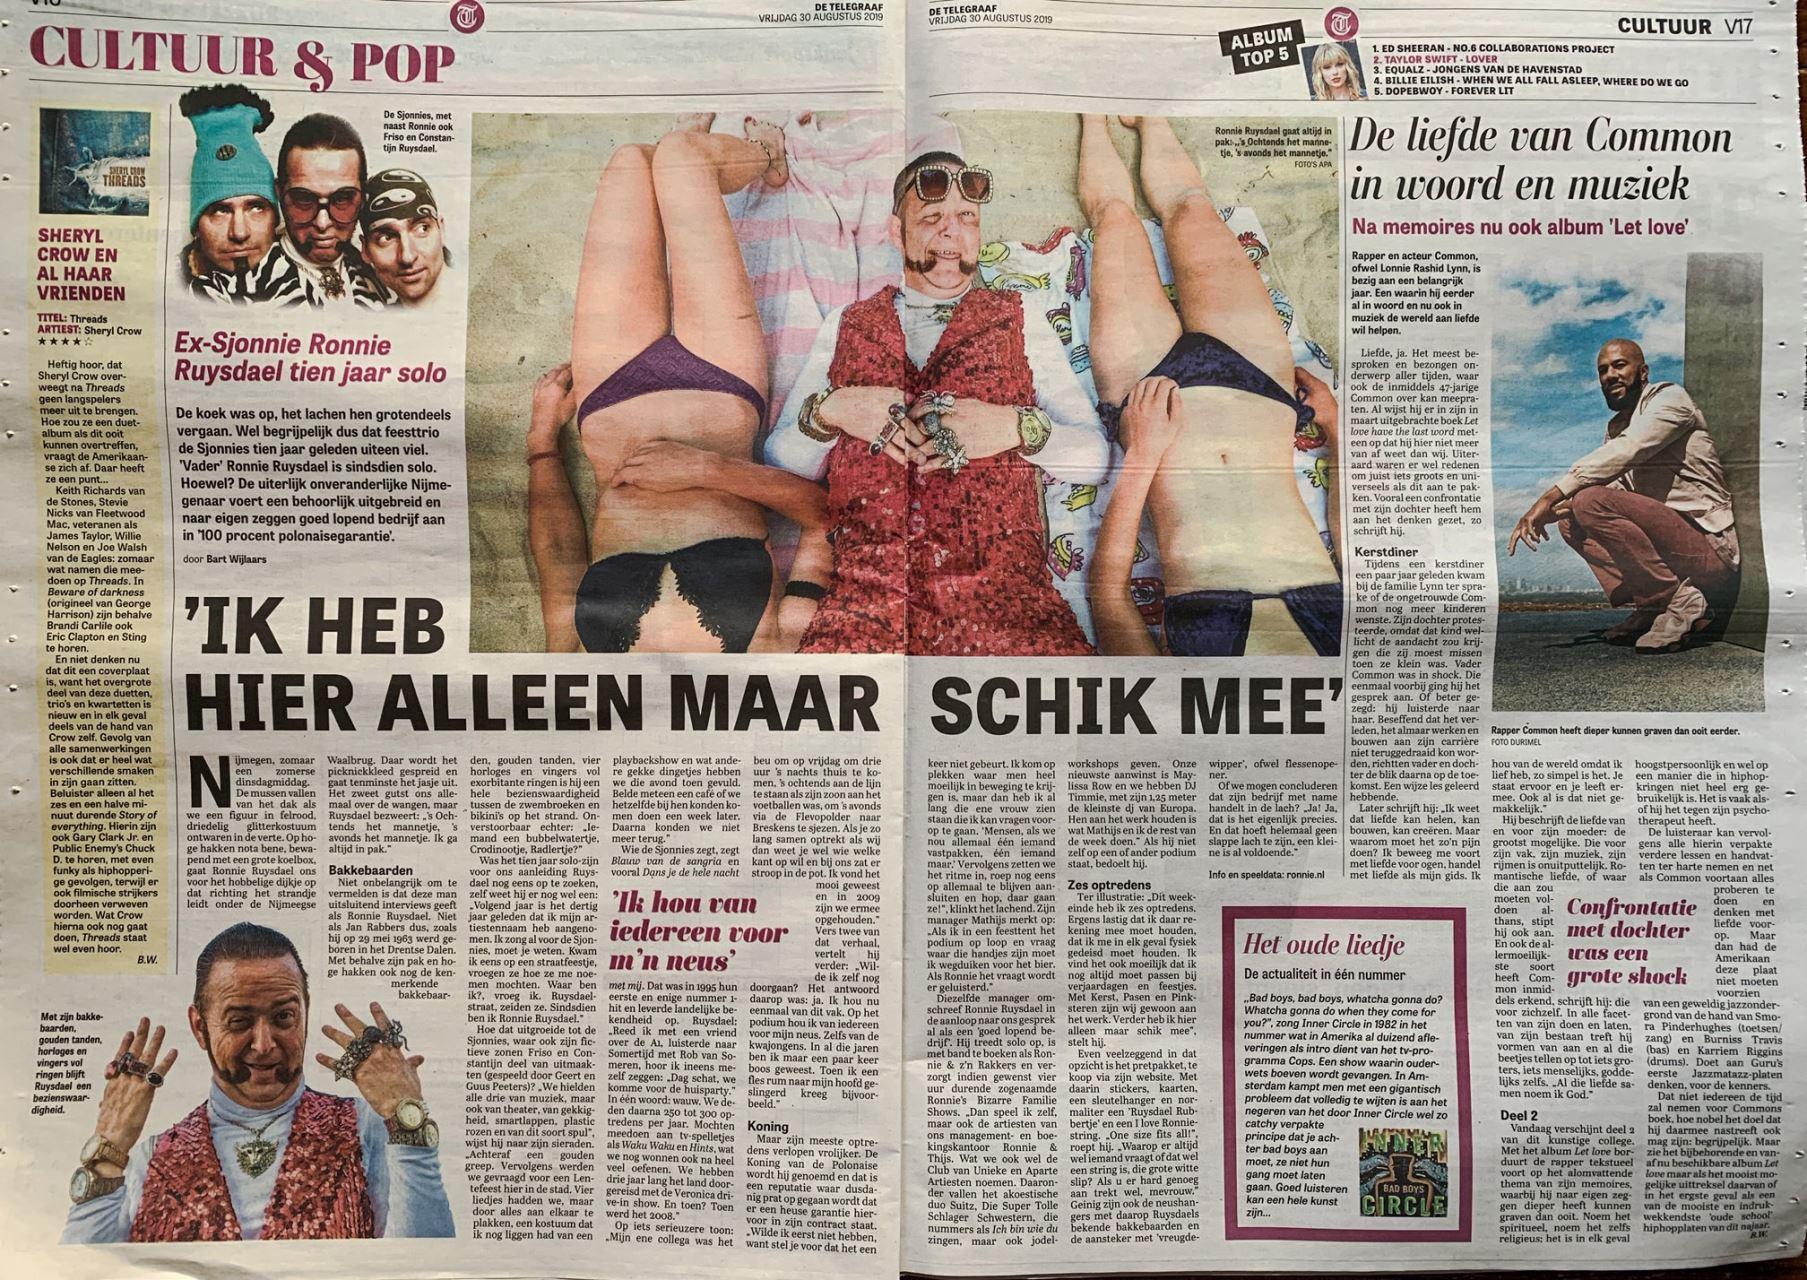 Ronnie_Ruysdael_Telegraaf_Koning_van_de_Polonaise